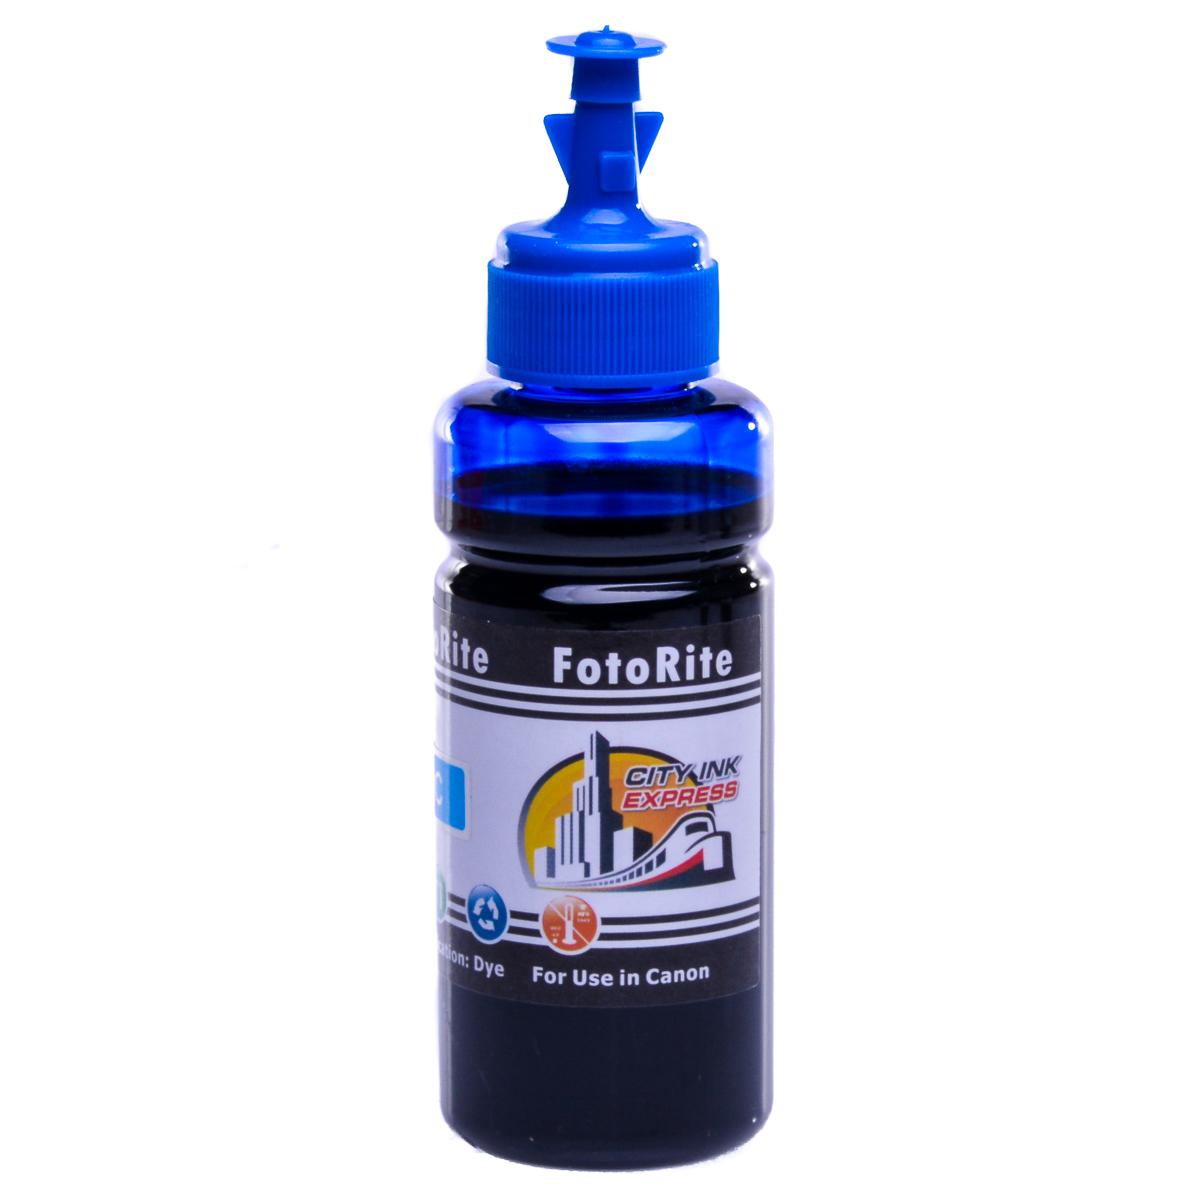 Cheap Cyan dye ink replaces Canon Pixma MG6851 - CLI-571C